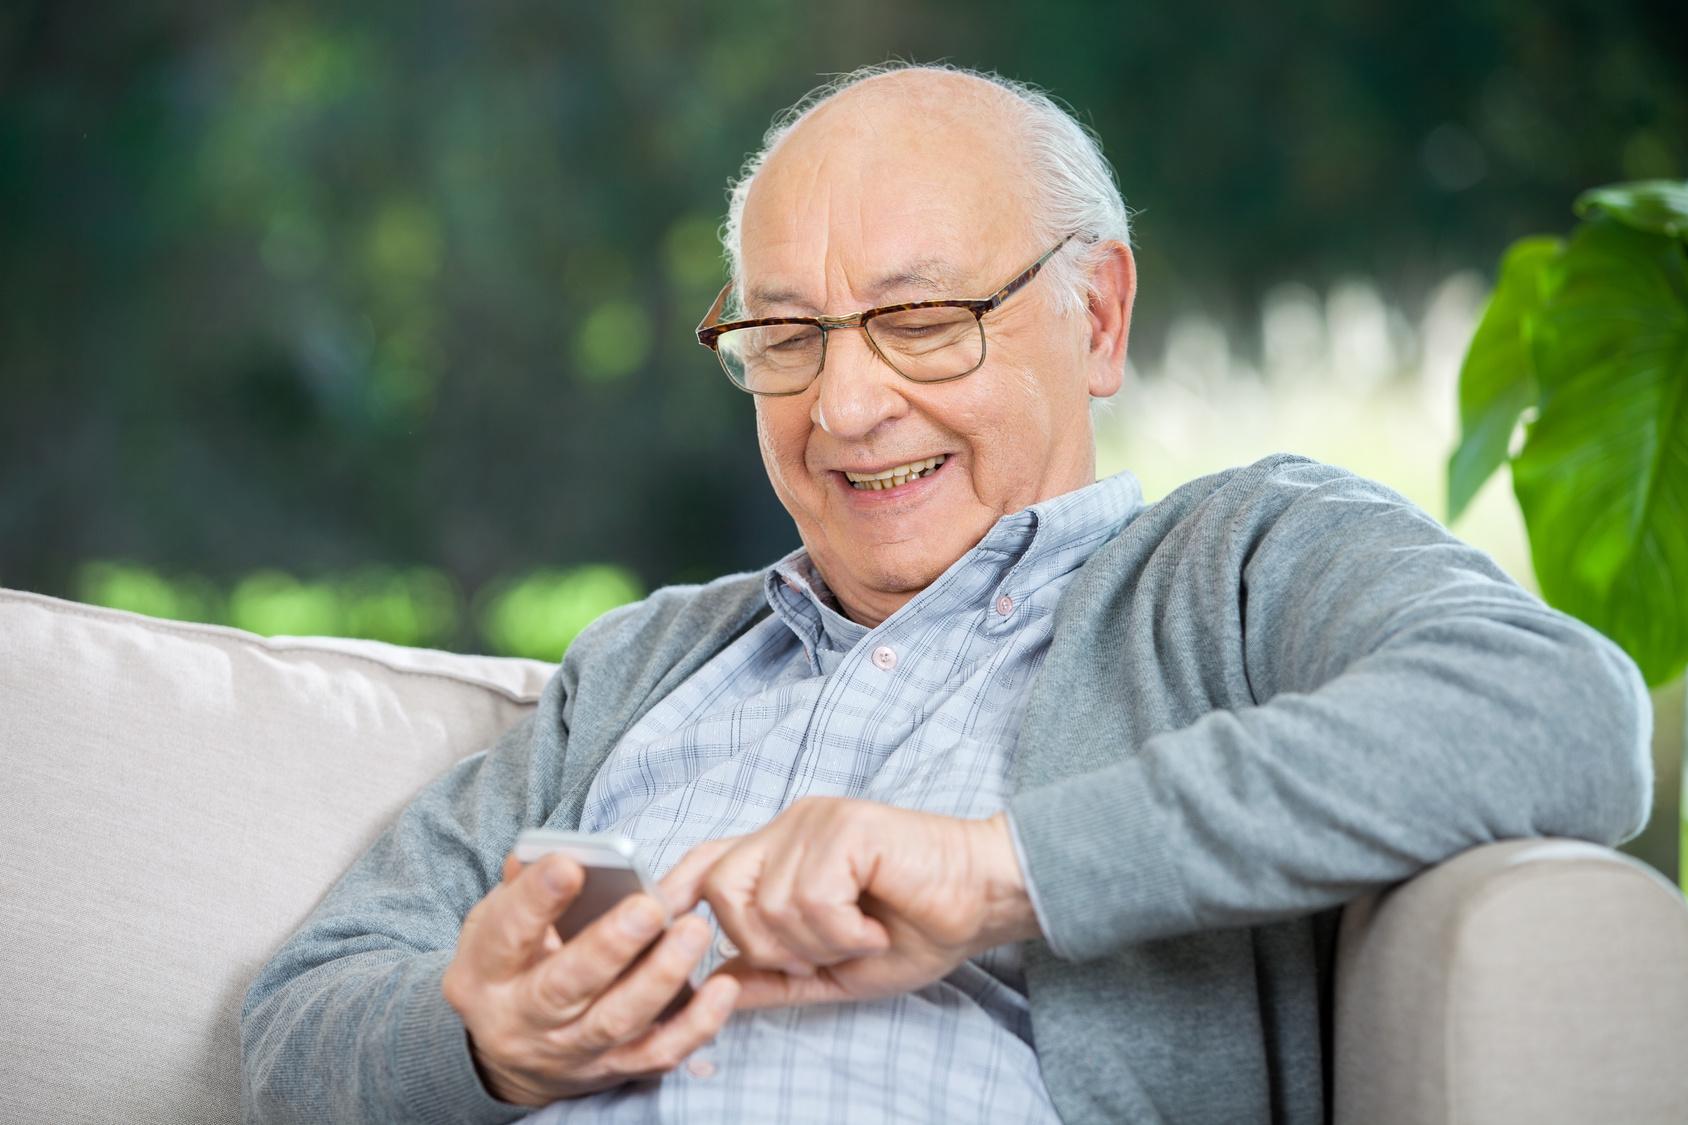 senior-mit-brille-auf-der-couch-handy-seniorengerecht